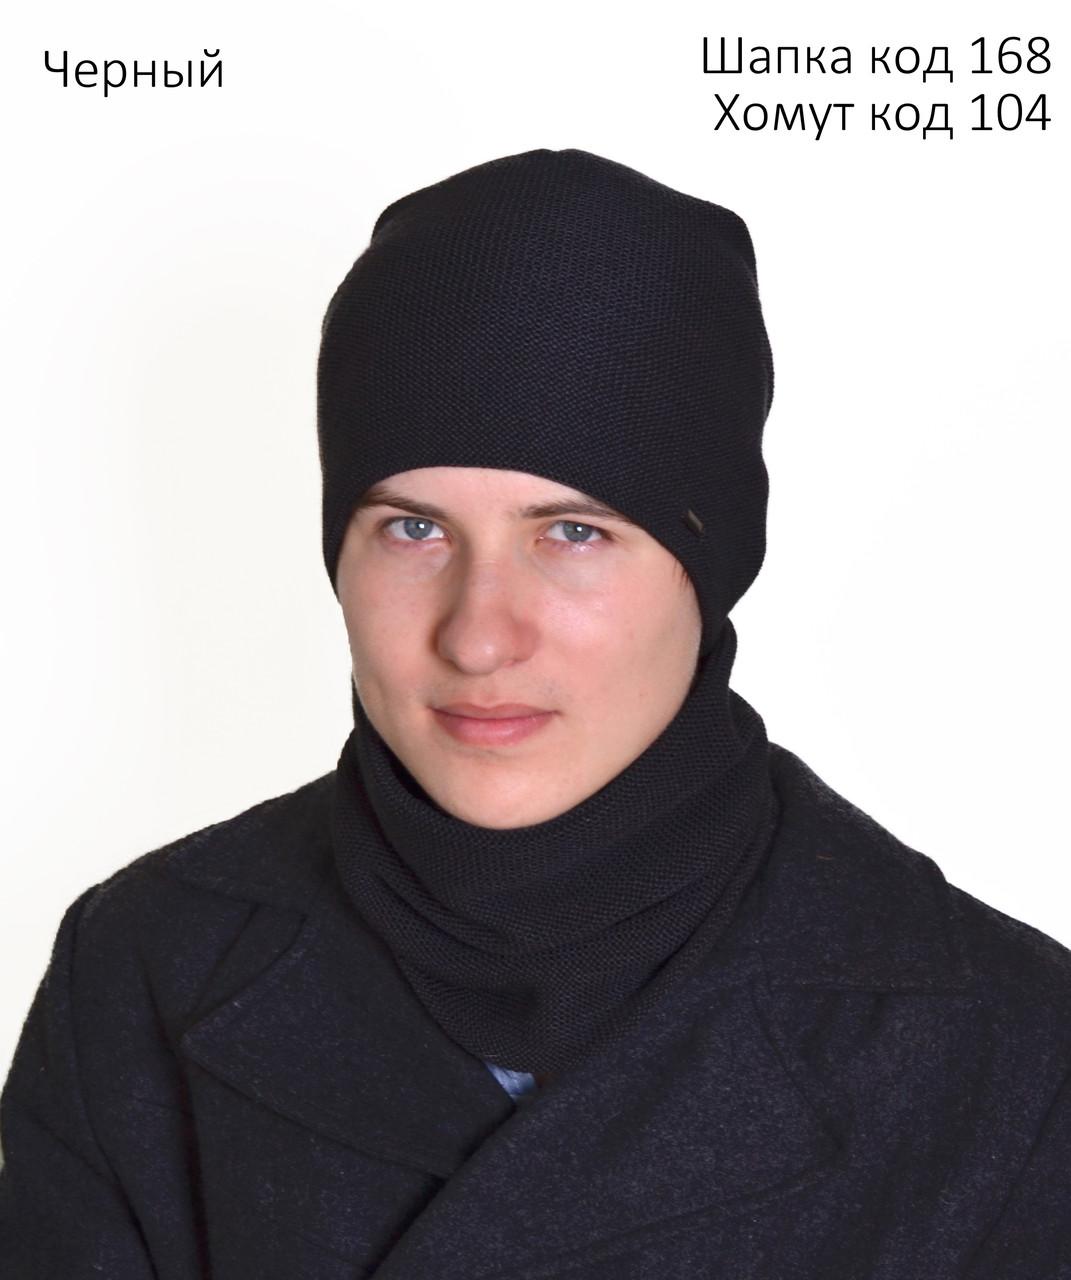 168 Зимняя шапка Лофт. Вязка из полушерсти, внутри полностью на флисе. р.55-57 Черный